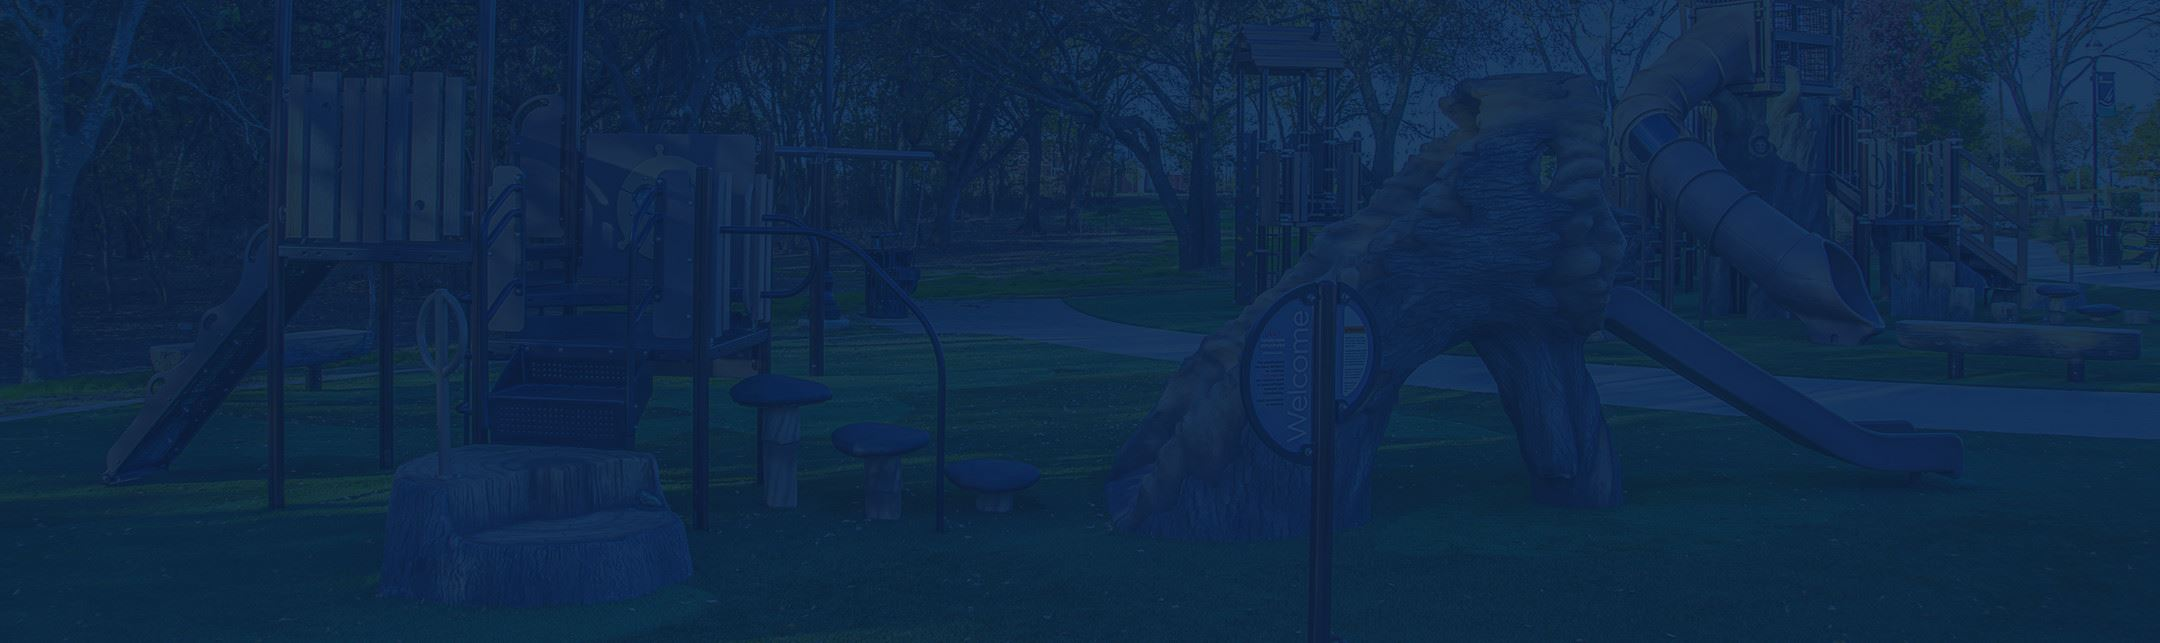 Town of Little Elm, TX - Official Website | Official Website